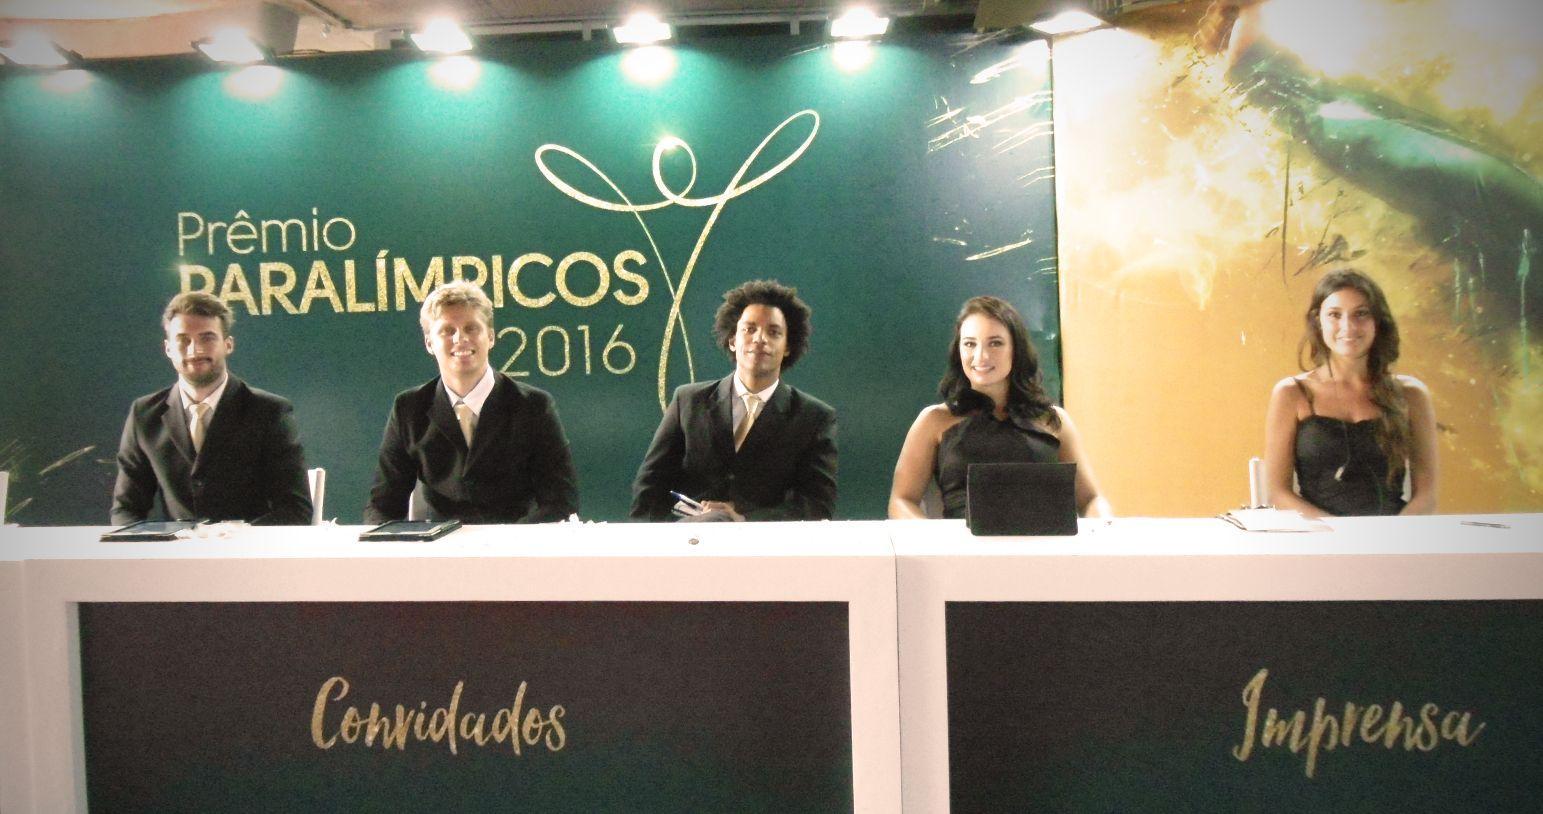 Evento - Premiação de atletas paralímpicos do CPB - Agência DosReis Live Marketing